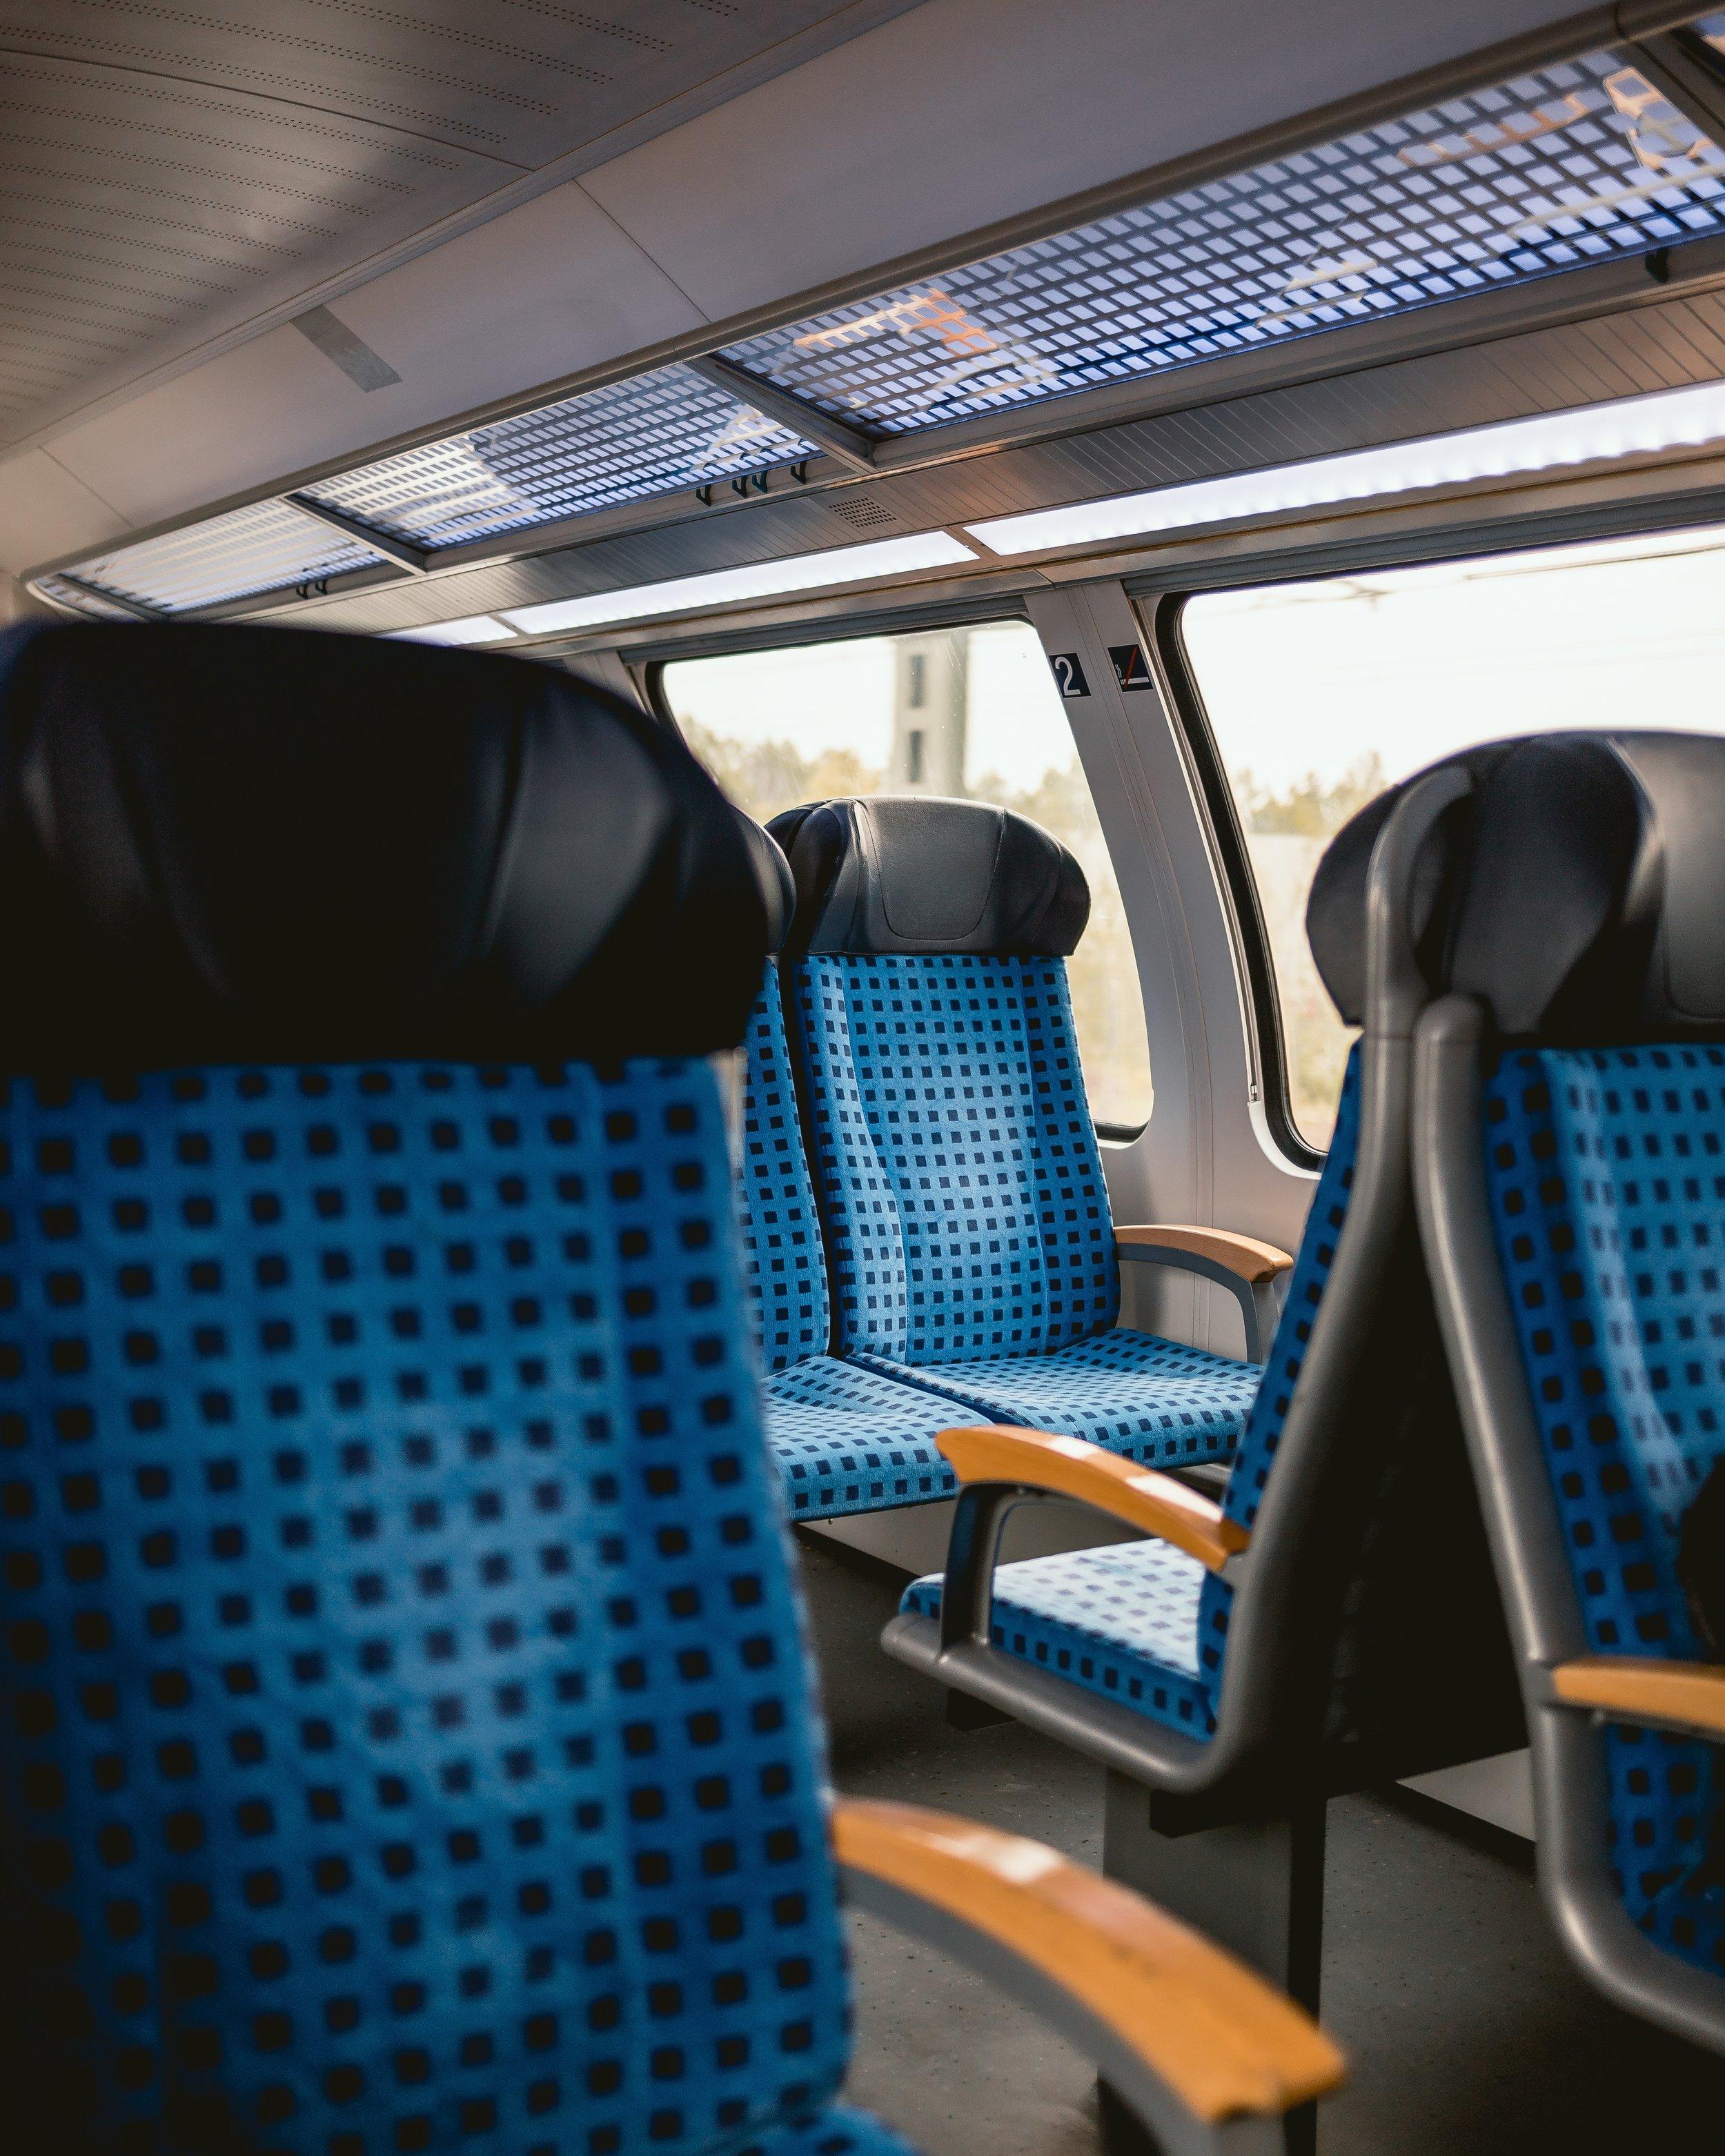 niklas-hamann-1560260-unsplash.jpg